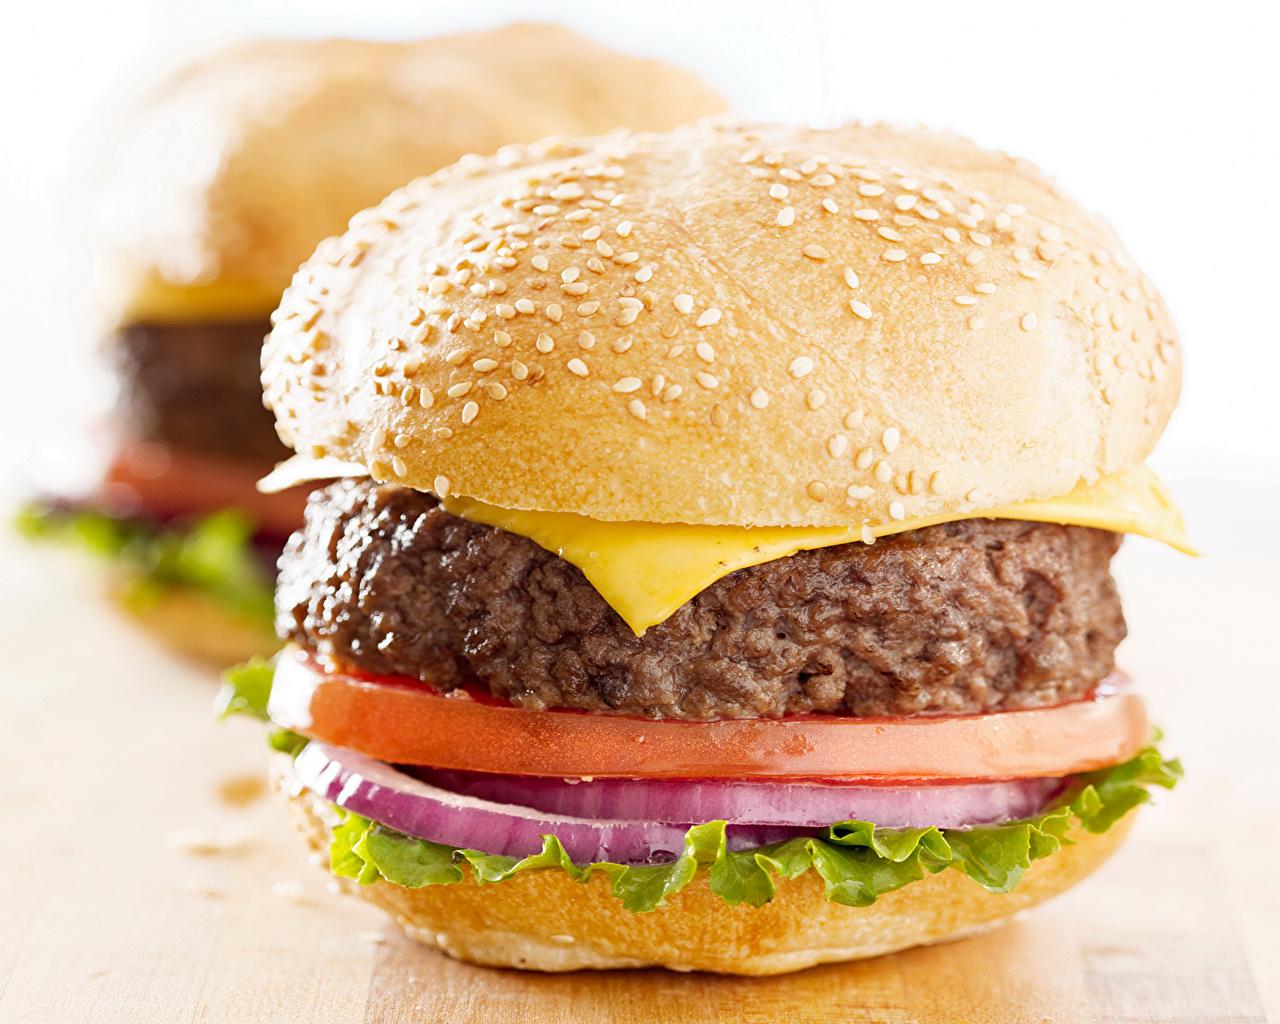 Обои для рабочего стола Гамбургер Фастфуд Булочки Еда Быстрое питание Пища Продукты питания